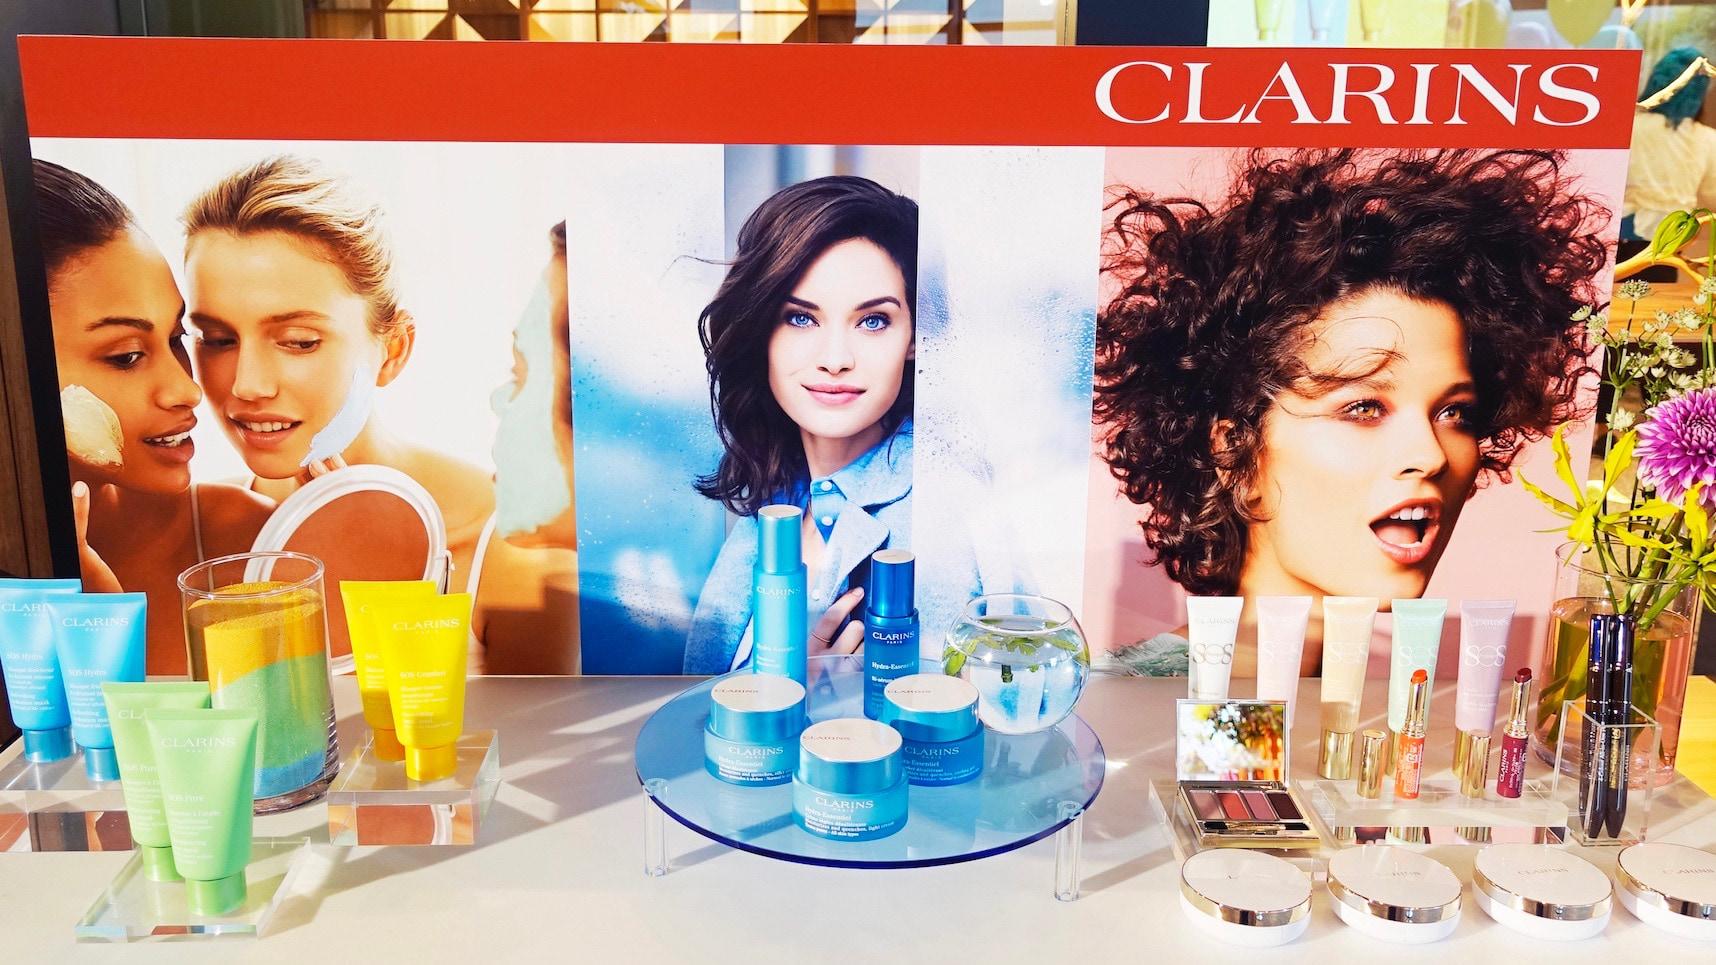 クラランス、スキンケアの新ラインと4色ボールペン型のライナーを発表